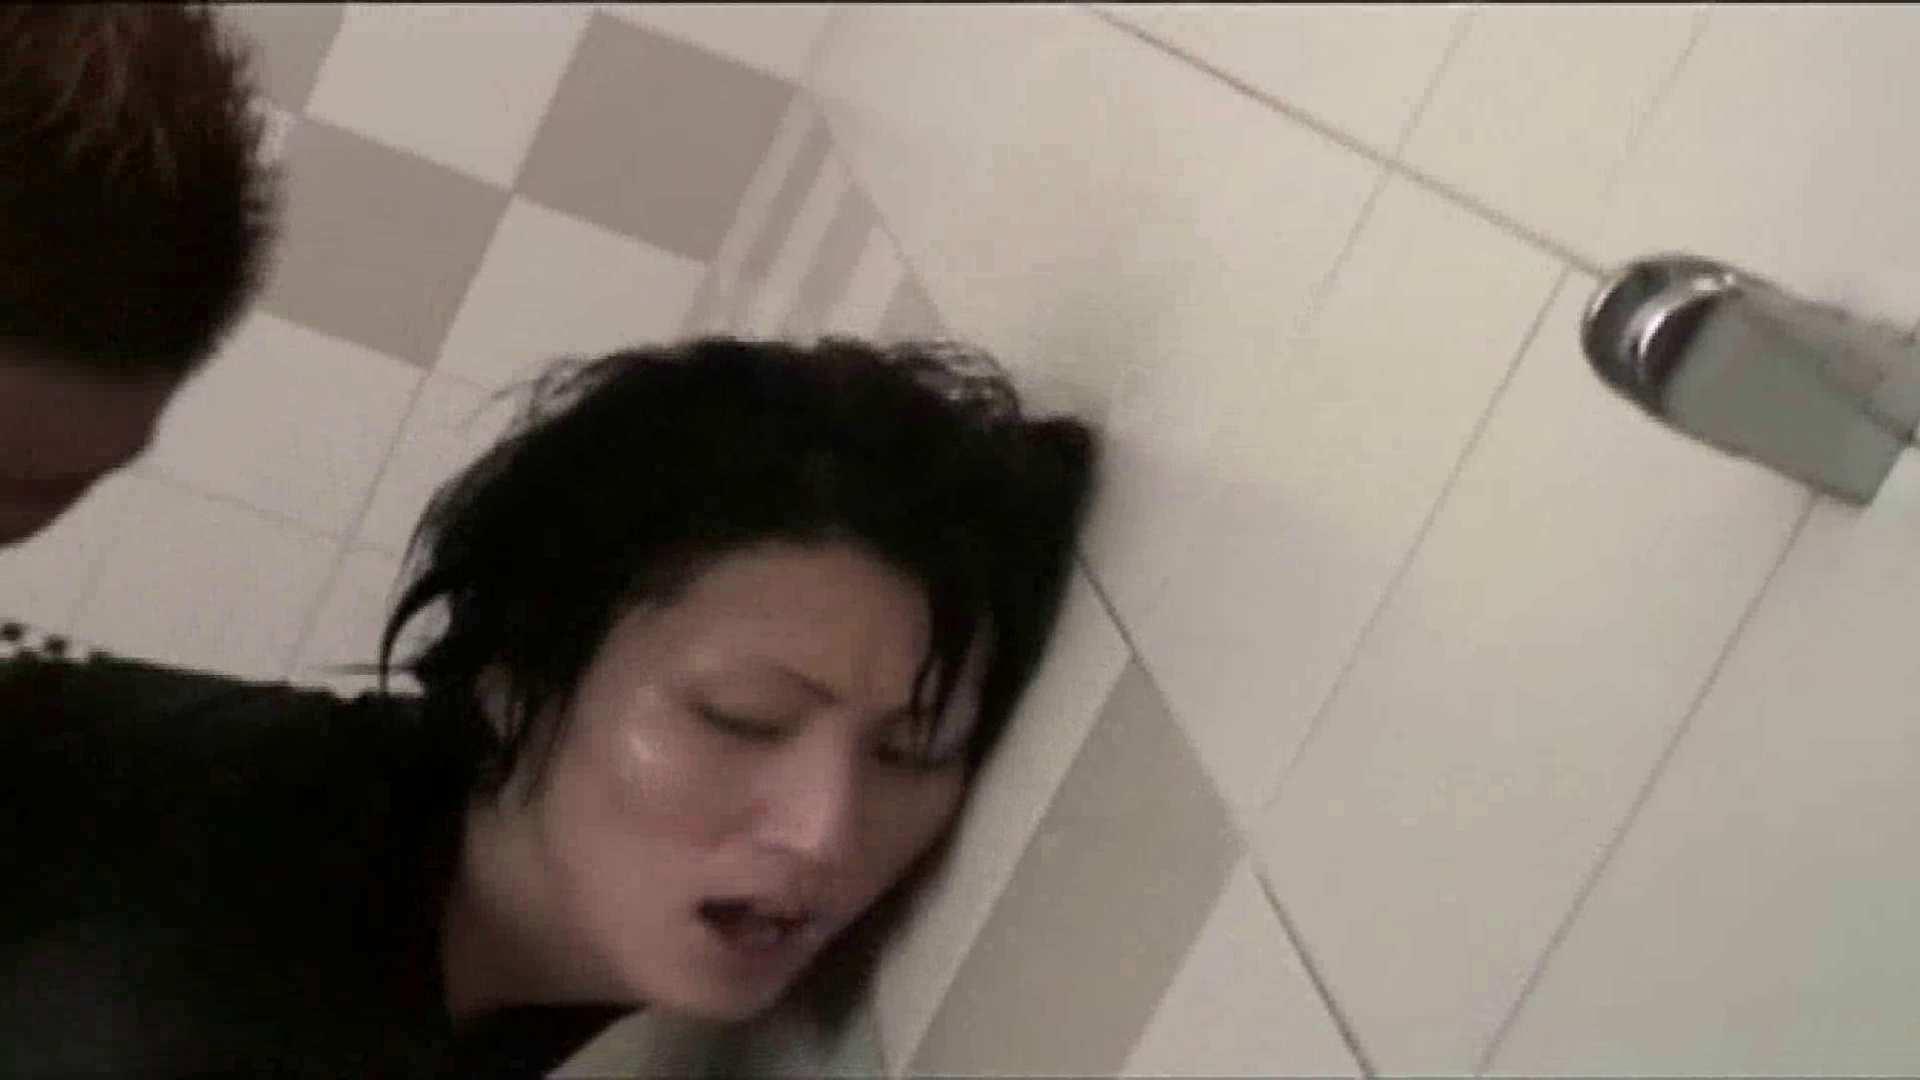 ドSな男!水責め 入浴・シャワー | ドラマ  54pic 17